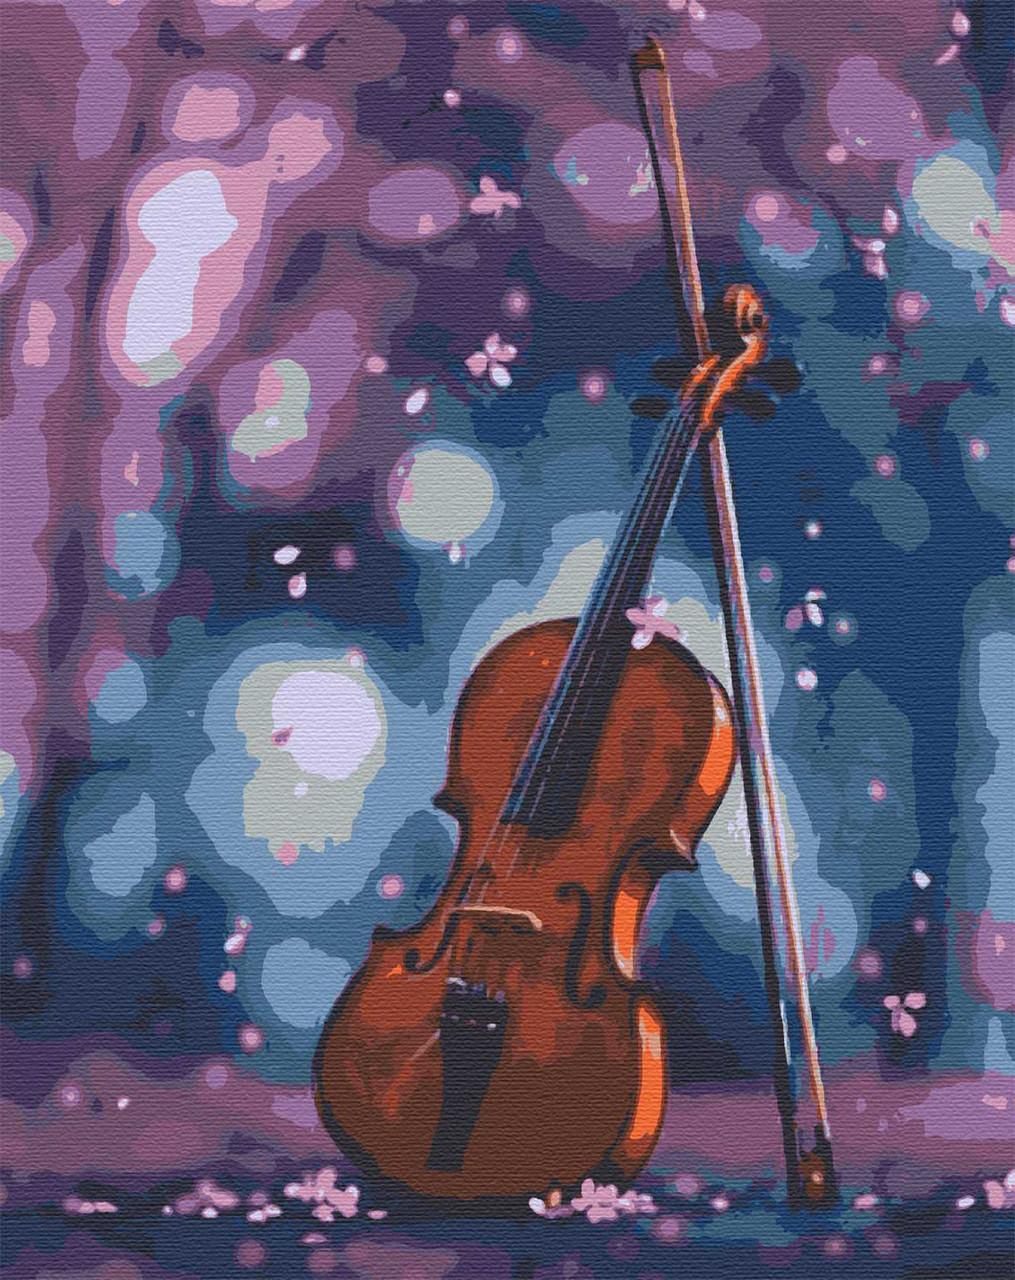 Картина по номерам музыкальный инструмент скрипка 40х50 Симфония